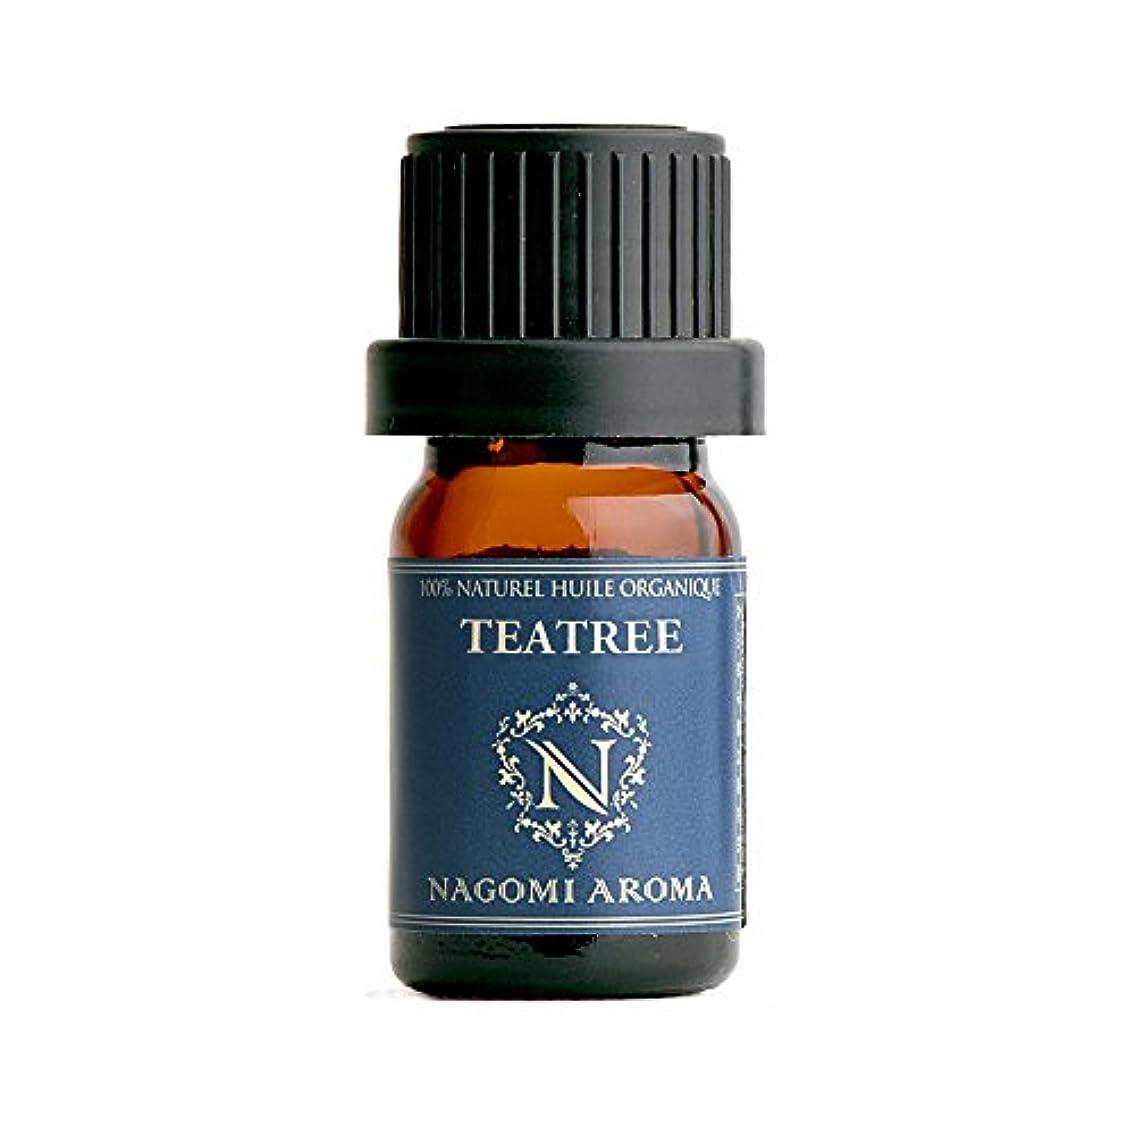 エンドウコミットメント健康NAGOMI AROMA オーガニック ティートゥリー 5ml 【AEAJ認定精油】【アロマオイル】